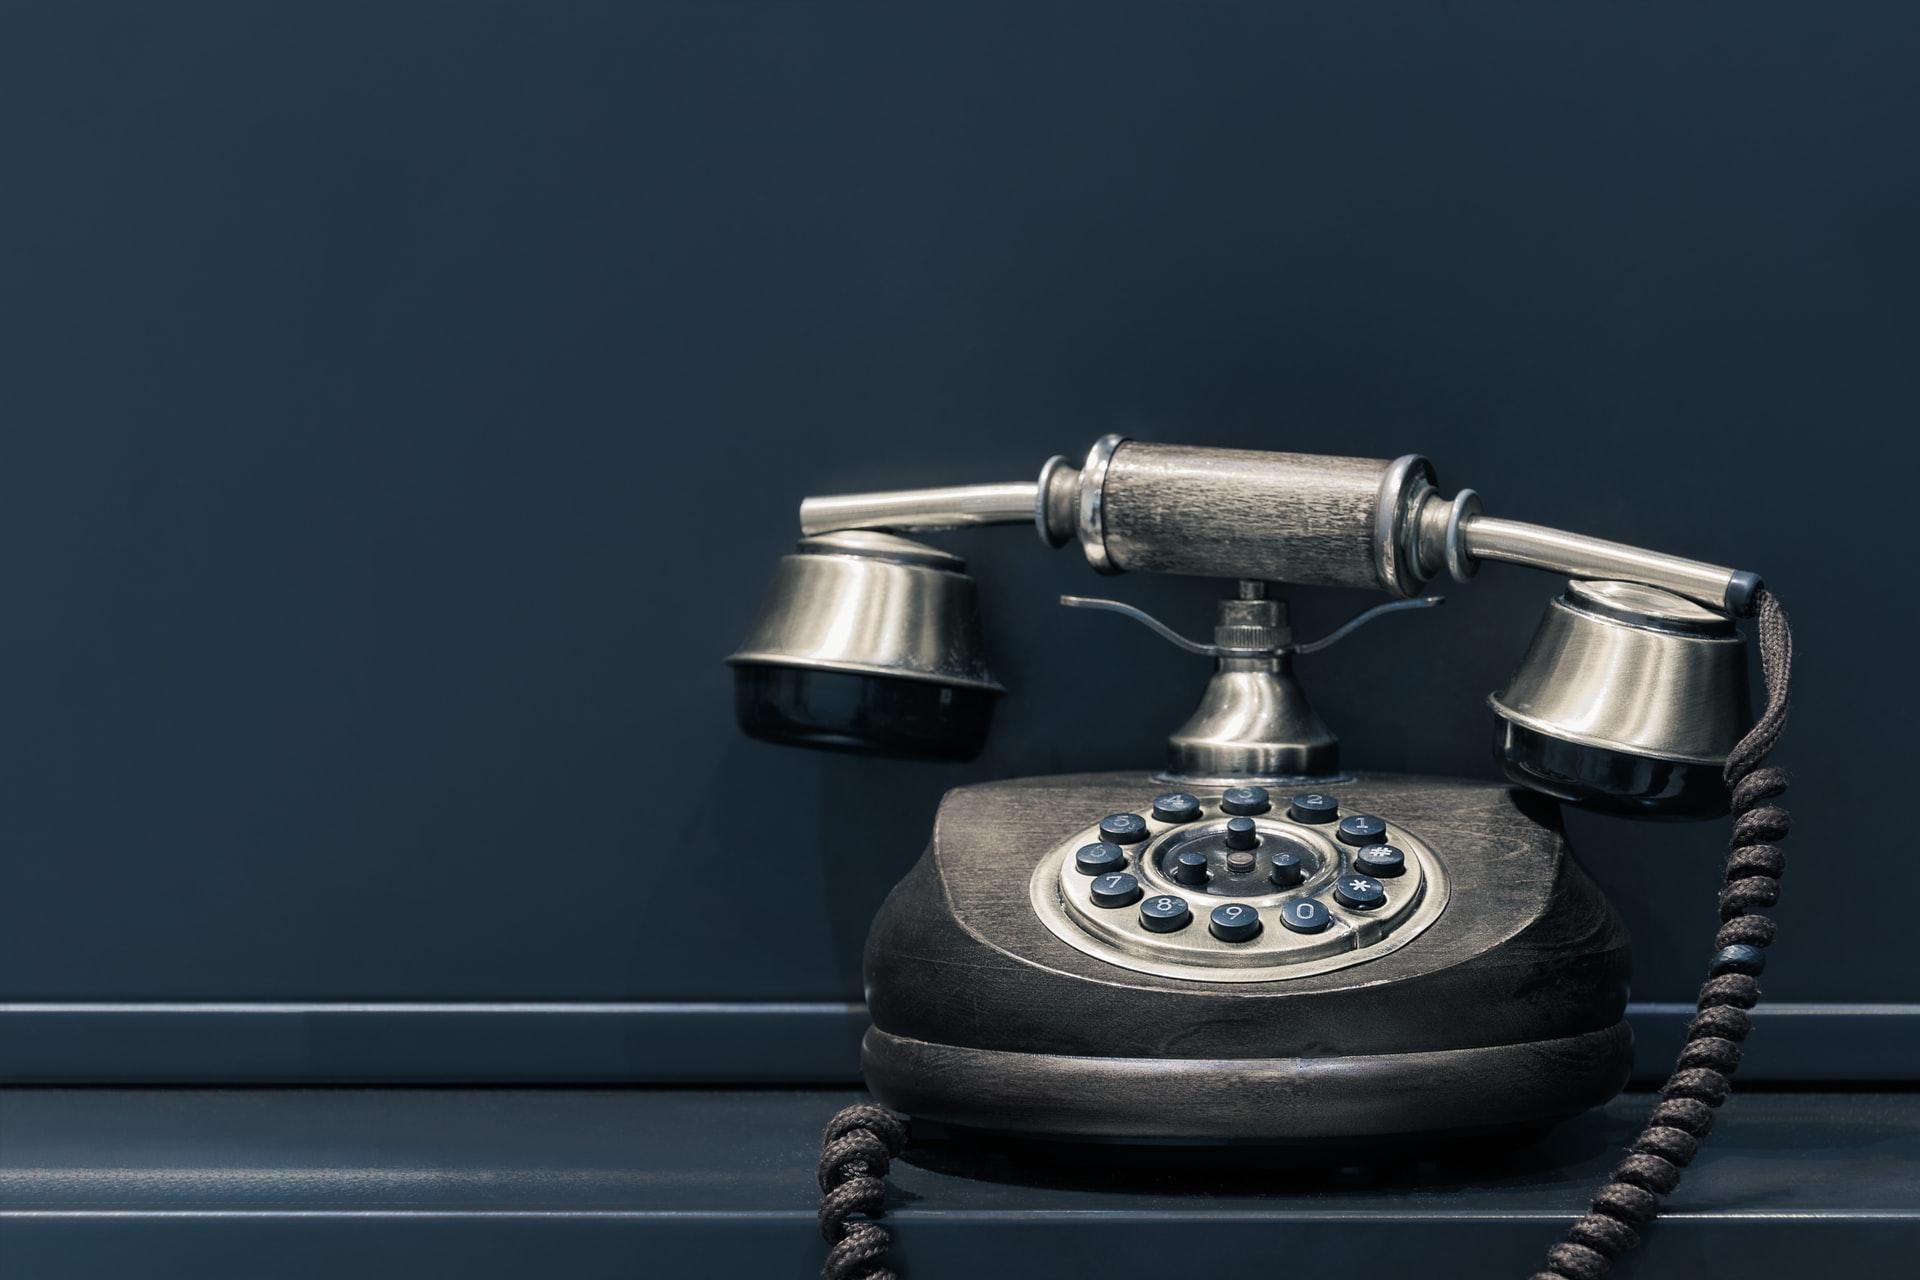 【2021年最新】新品ビジネスフォンのおすすめランキングTOP5!最新のビジネスフォンで人気な物は?